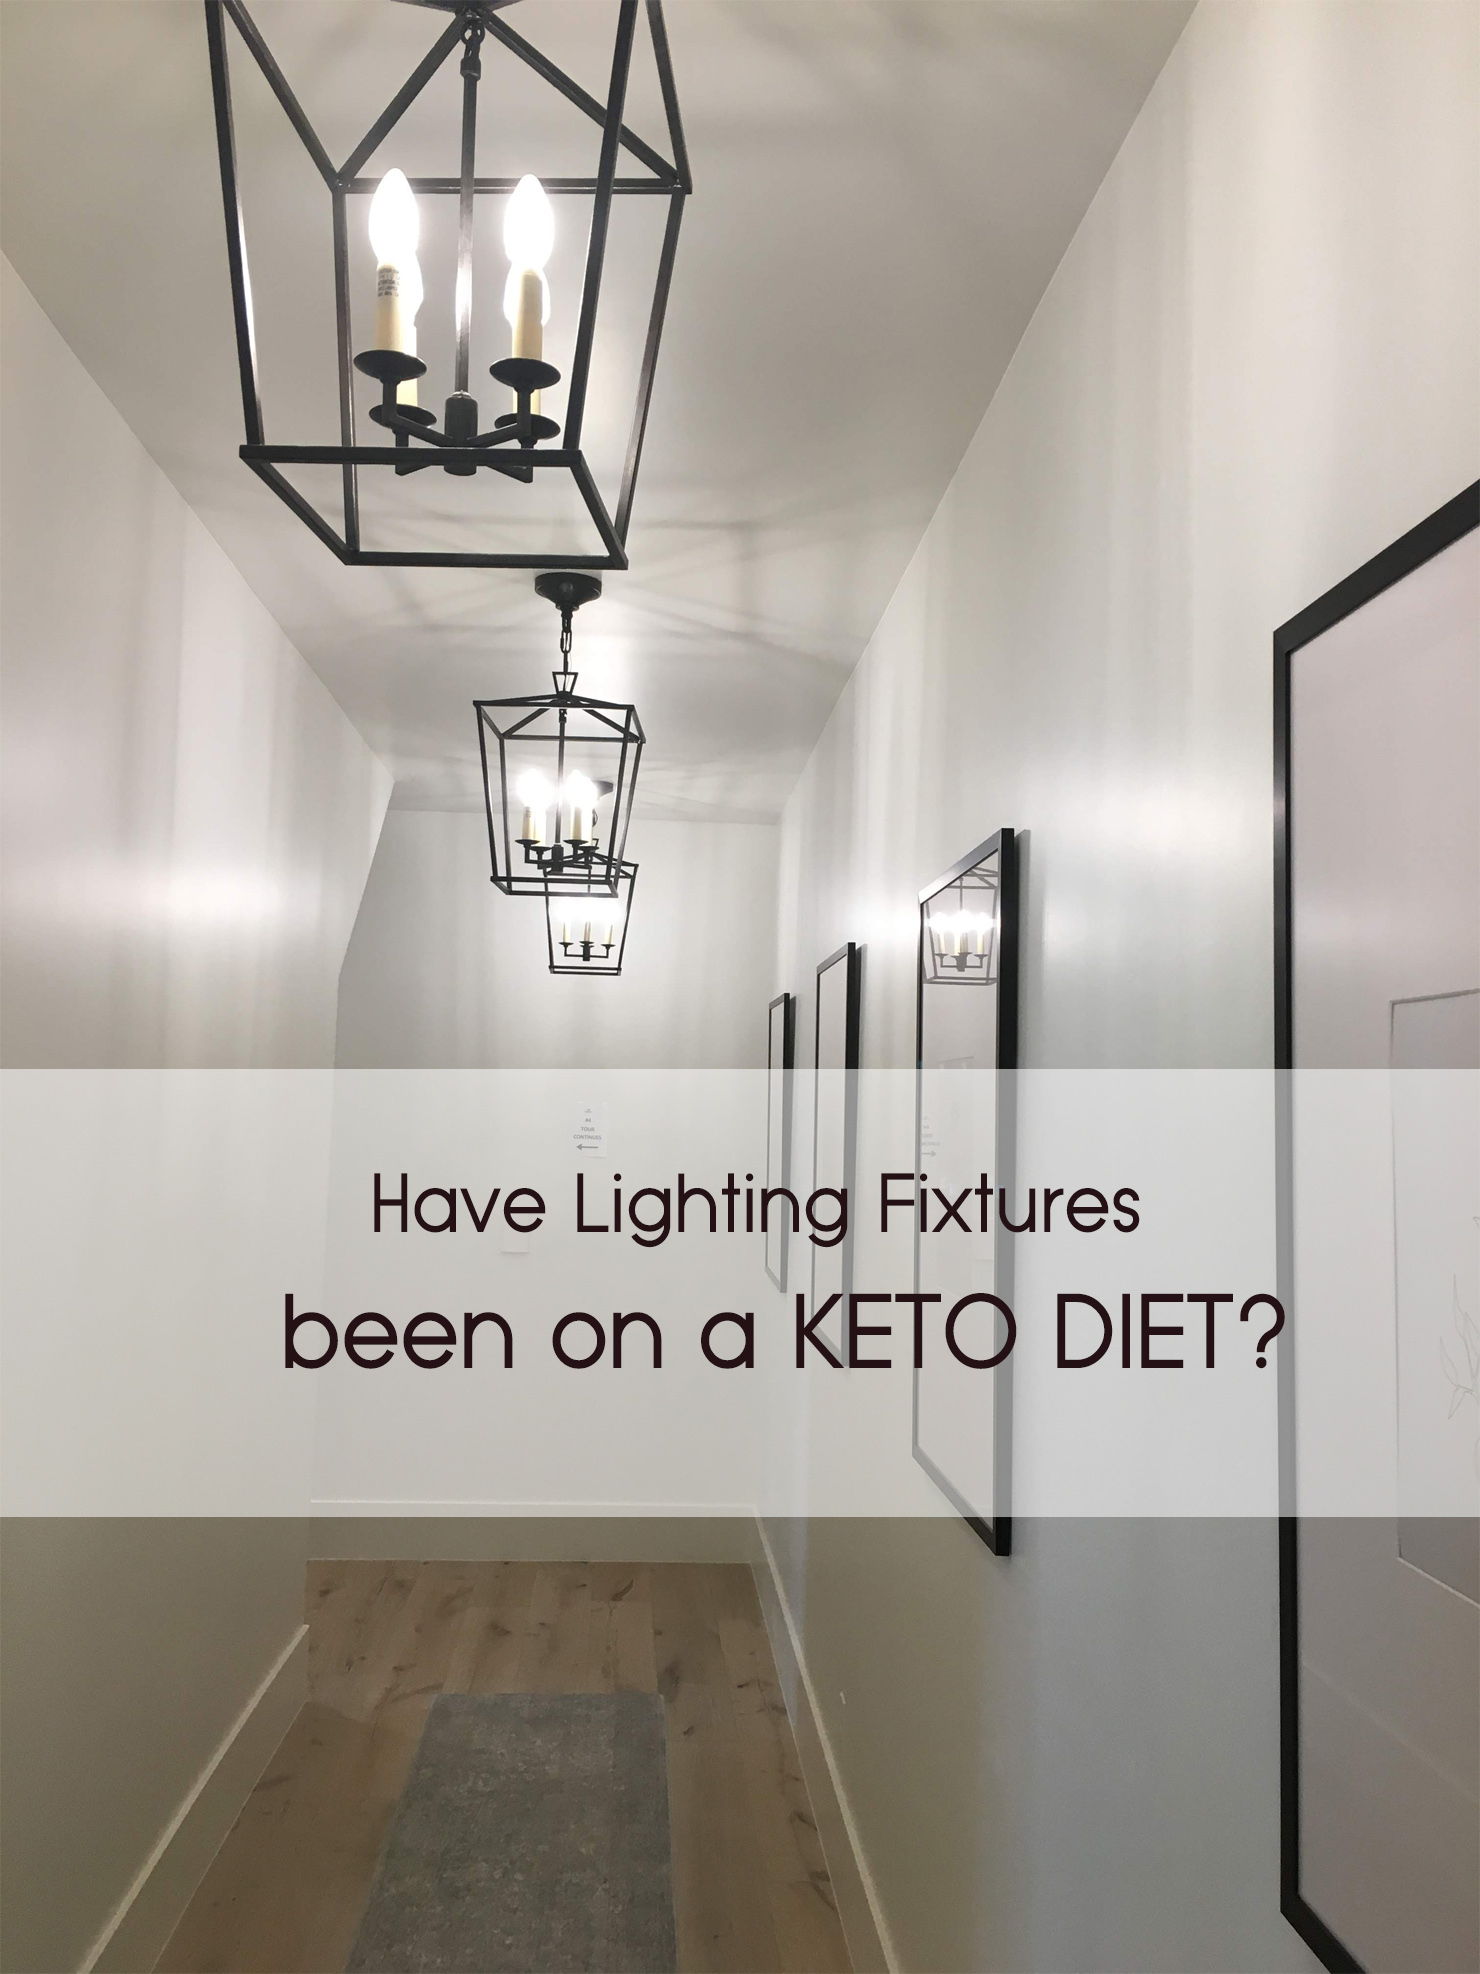 Have Lighting Fixtures Been on a Keto Diet?